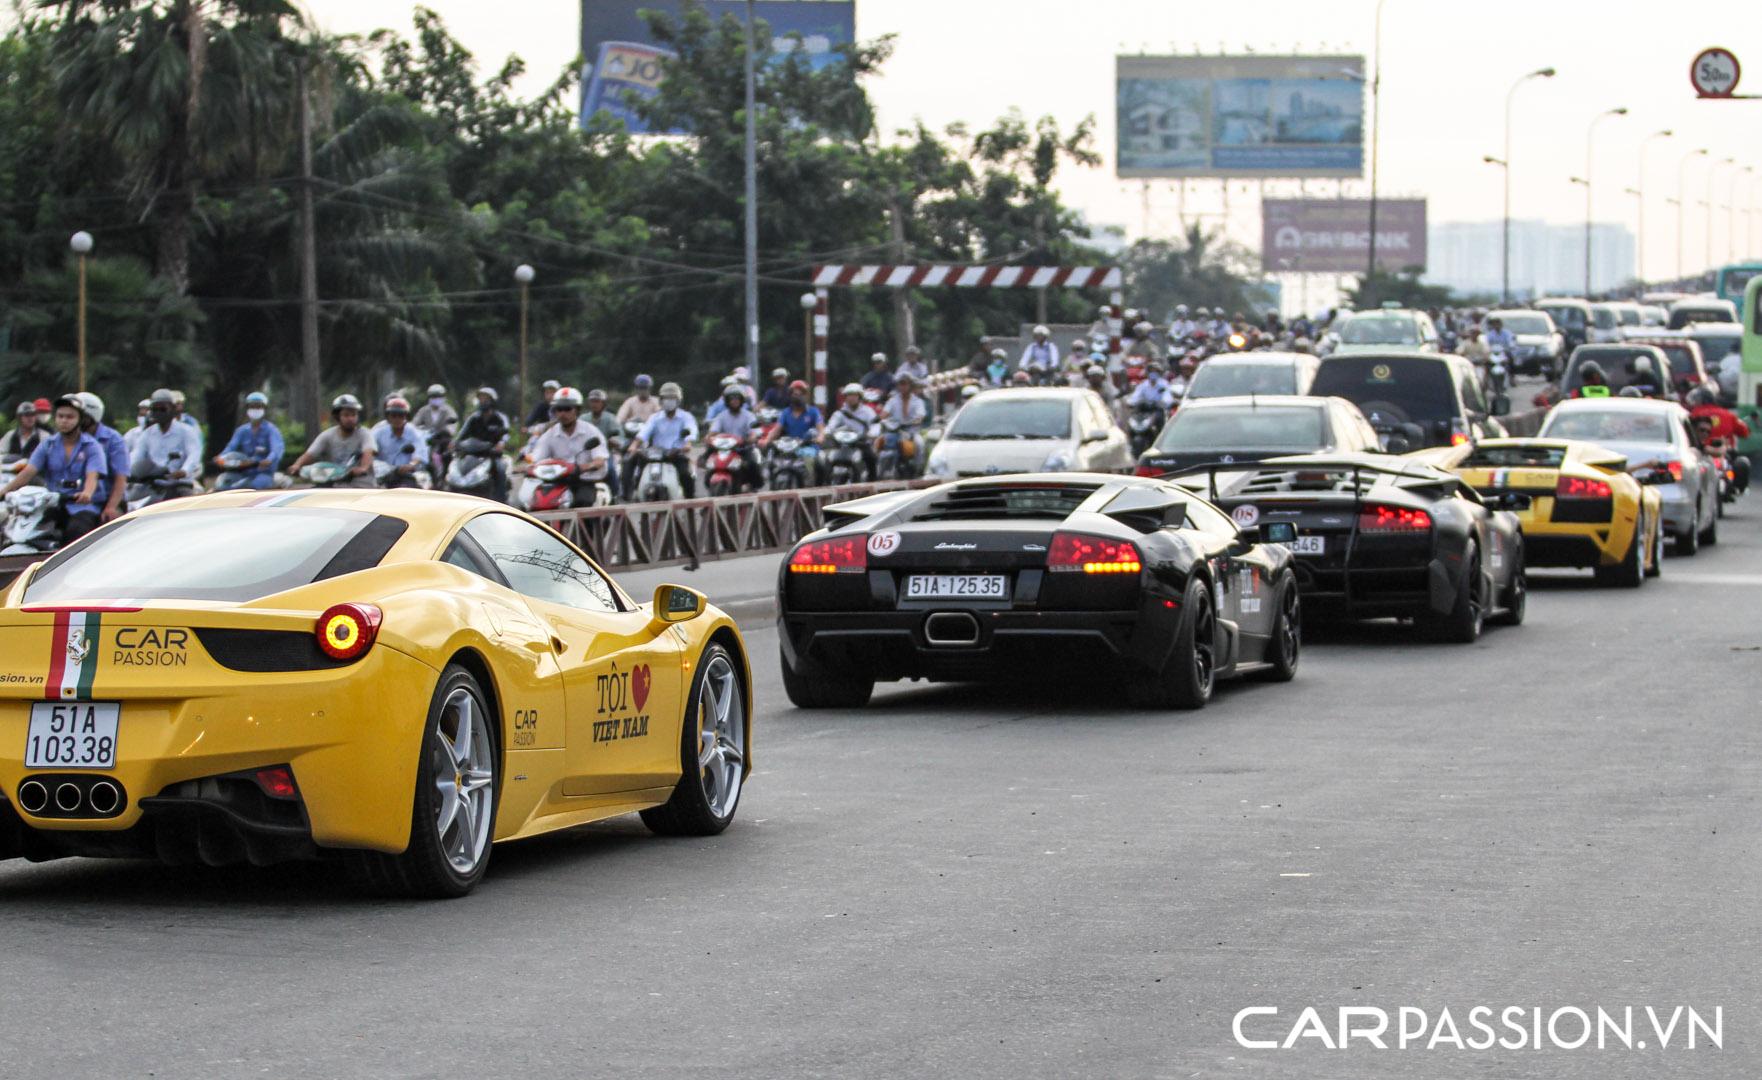 CP-Hành trình siêu xe CarPassion 2011 (53).jpg